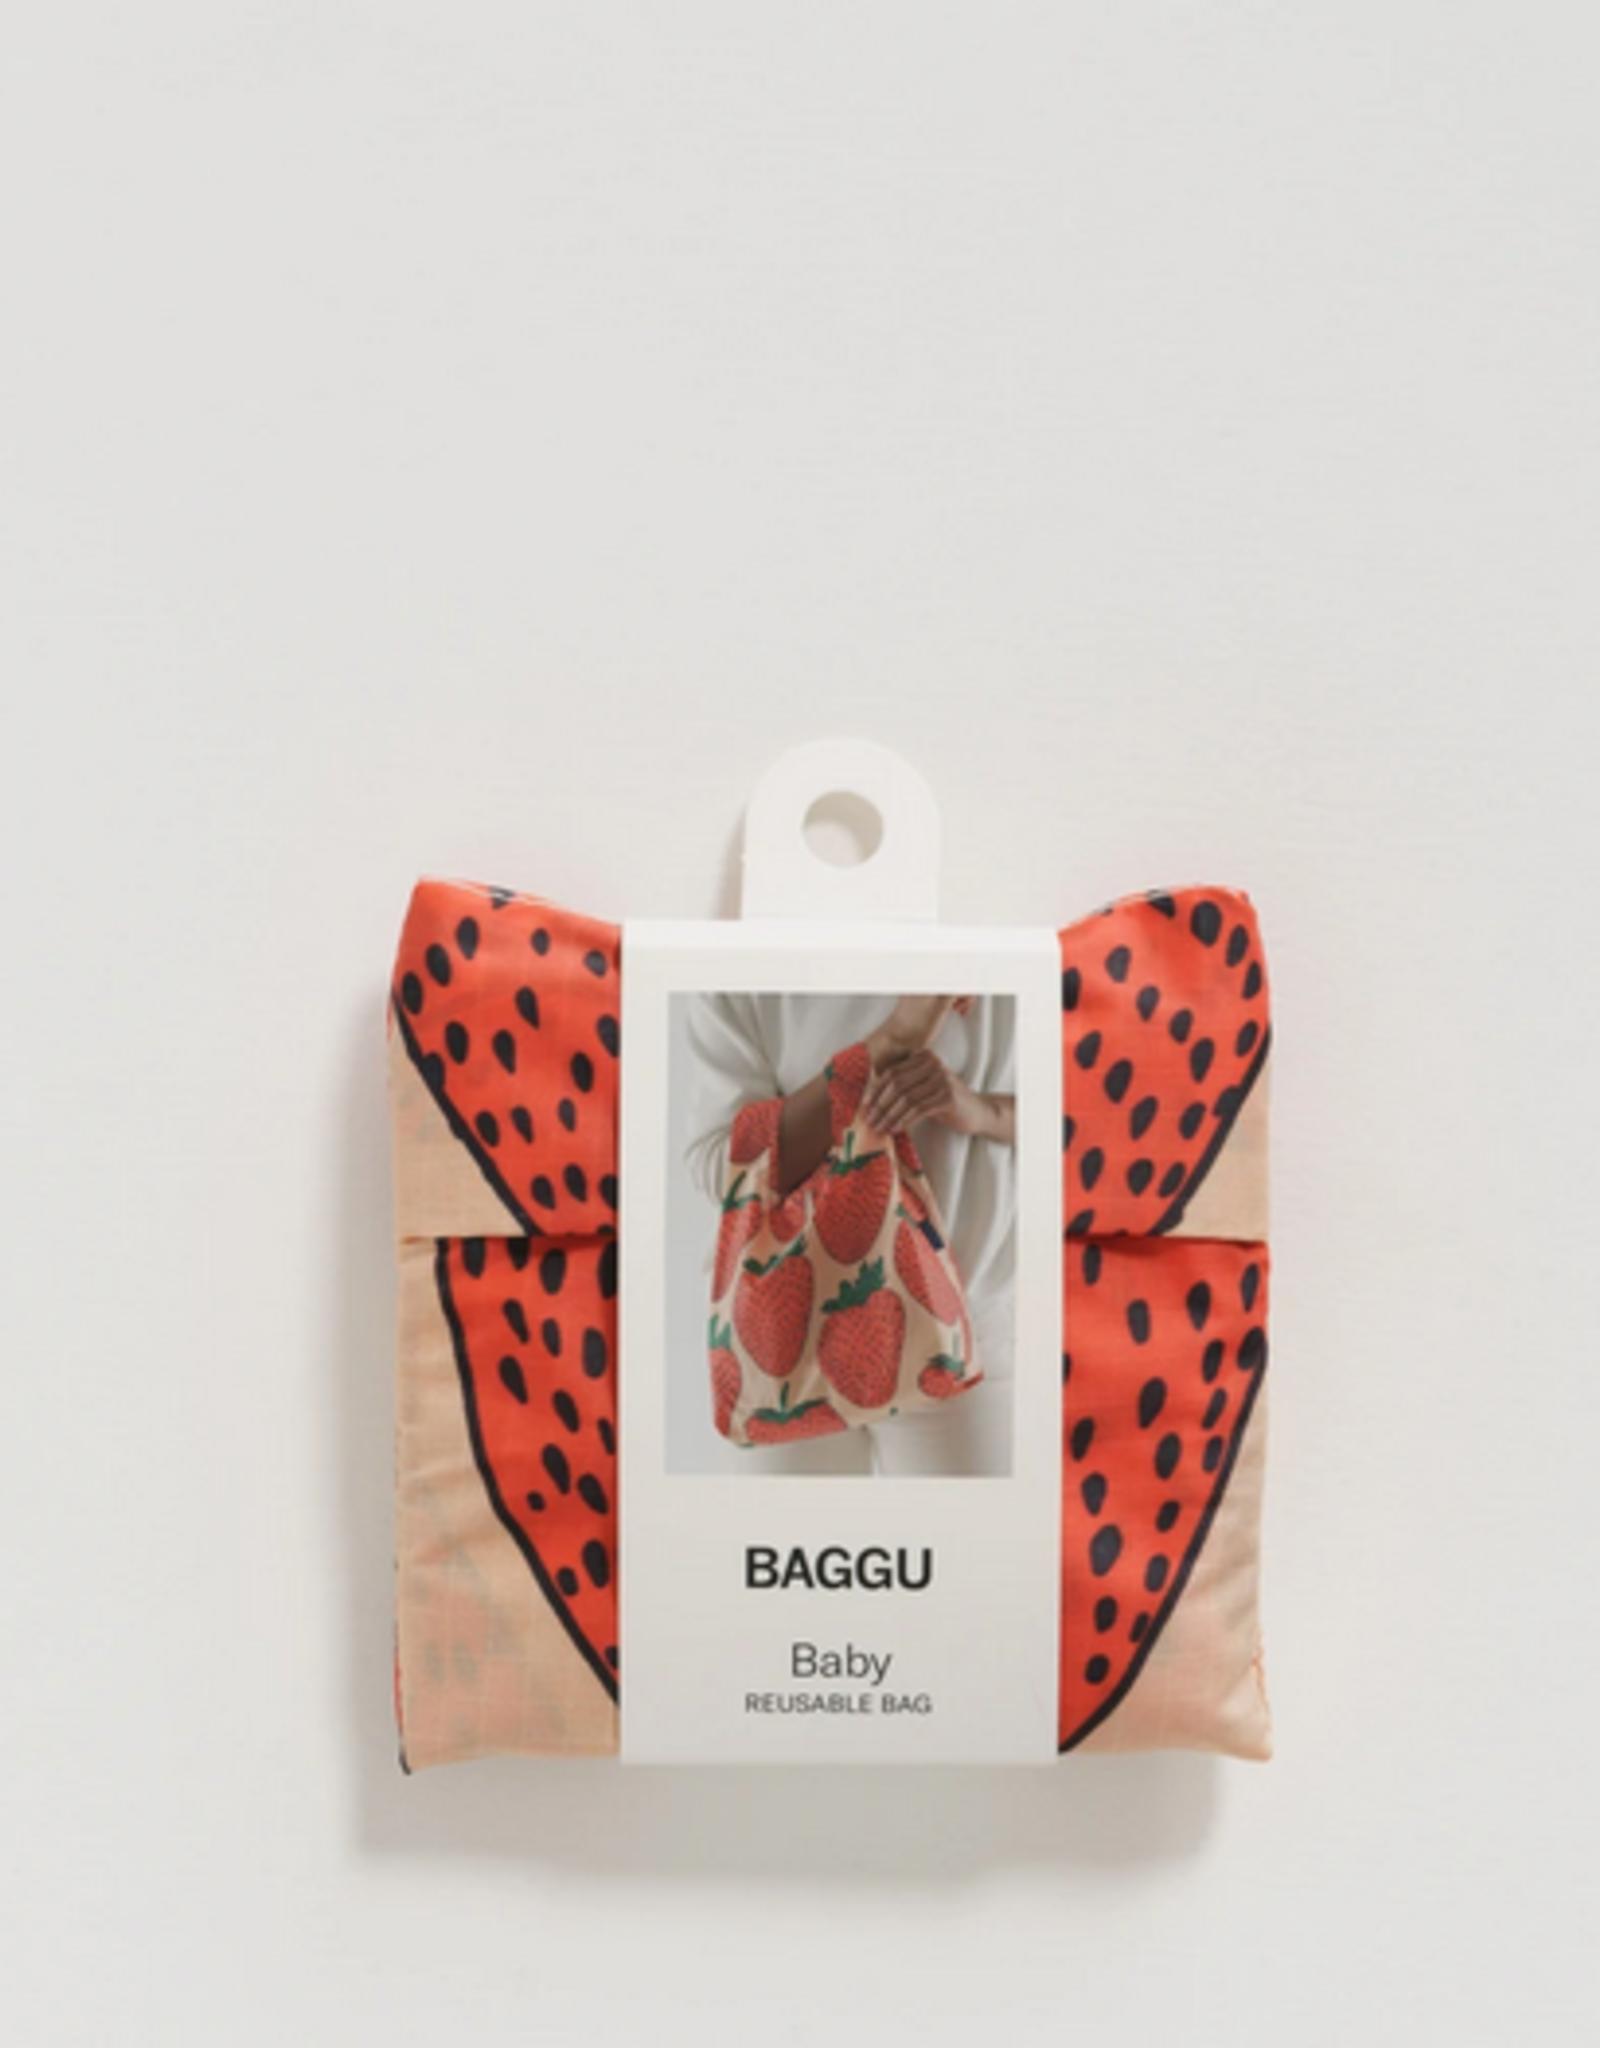 Baggu Baby Reusable bag strawberry